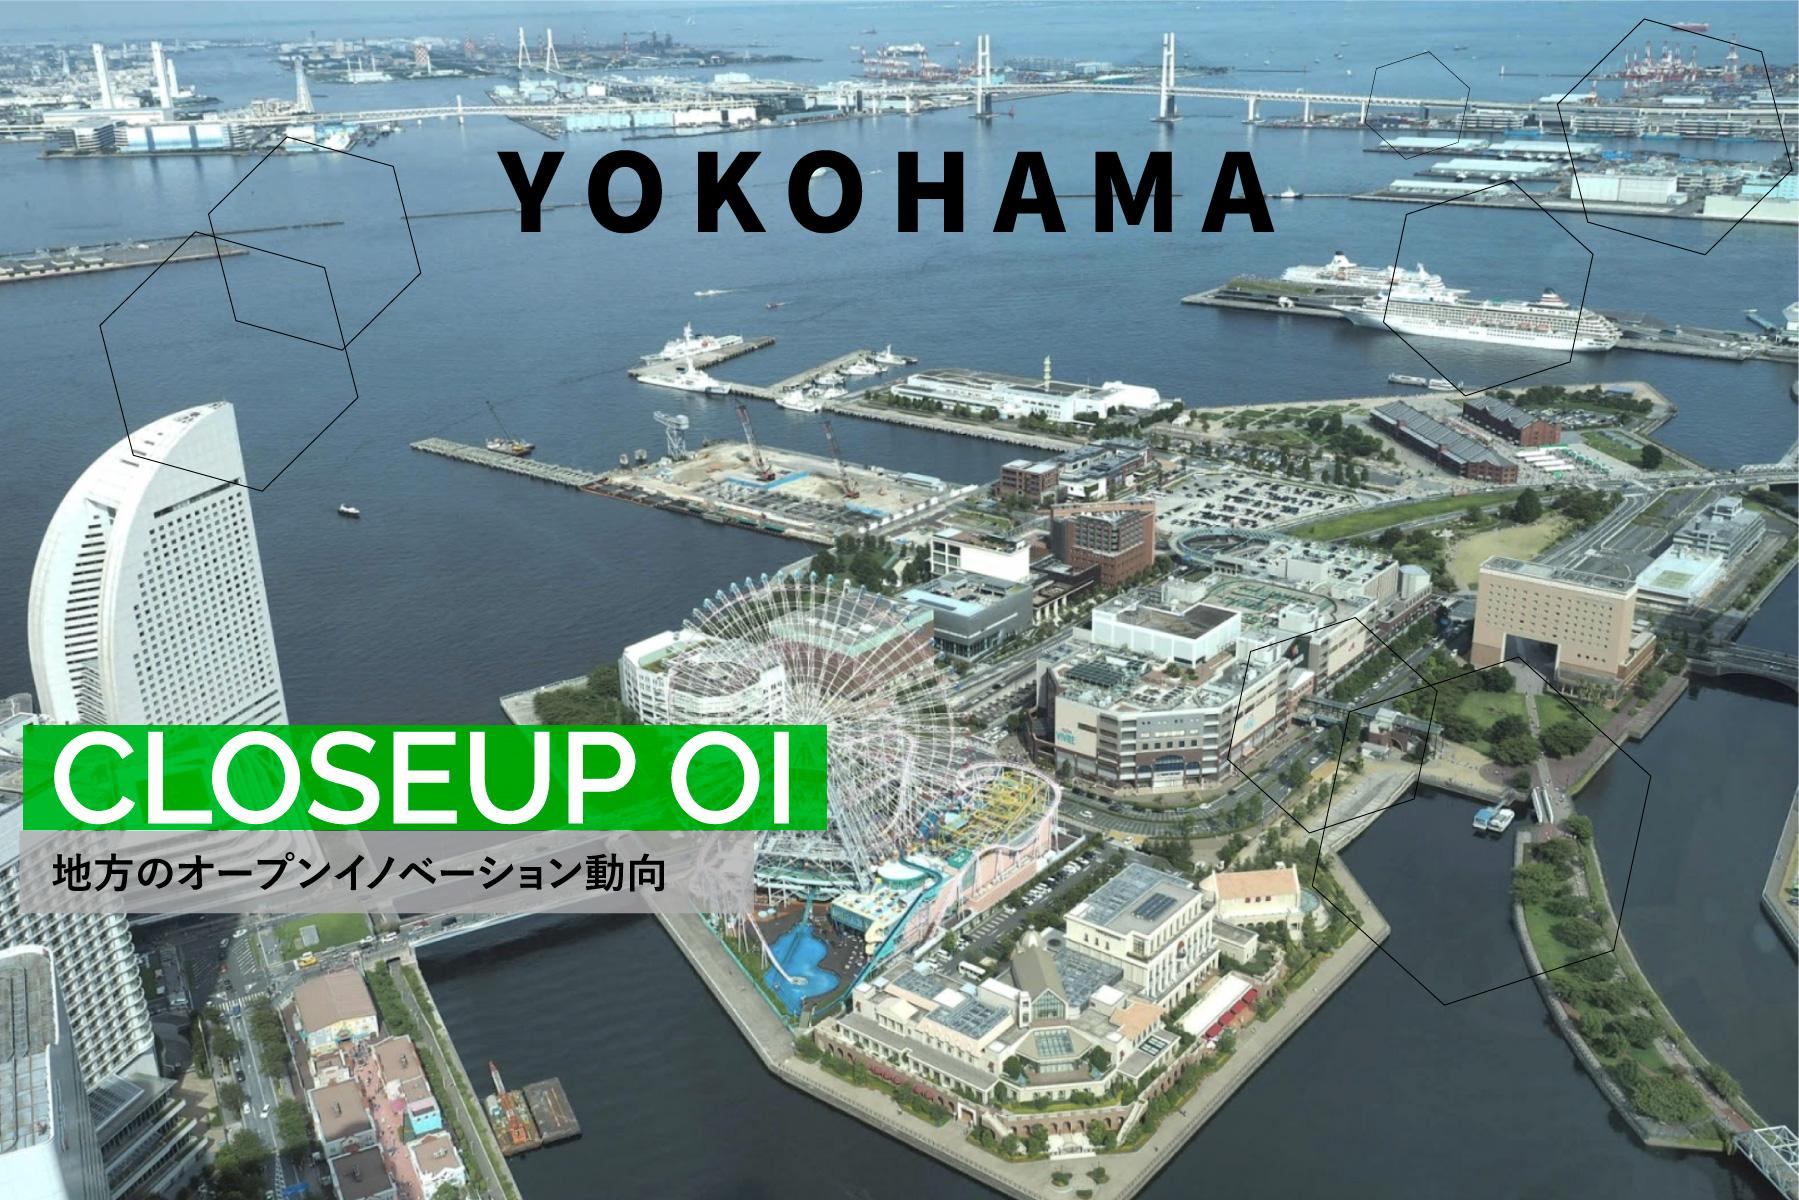 地方都市におけるオープンイノベーションの雛形、横浜市の多様なビジネス支援の切り口